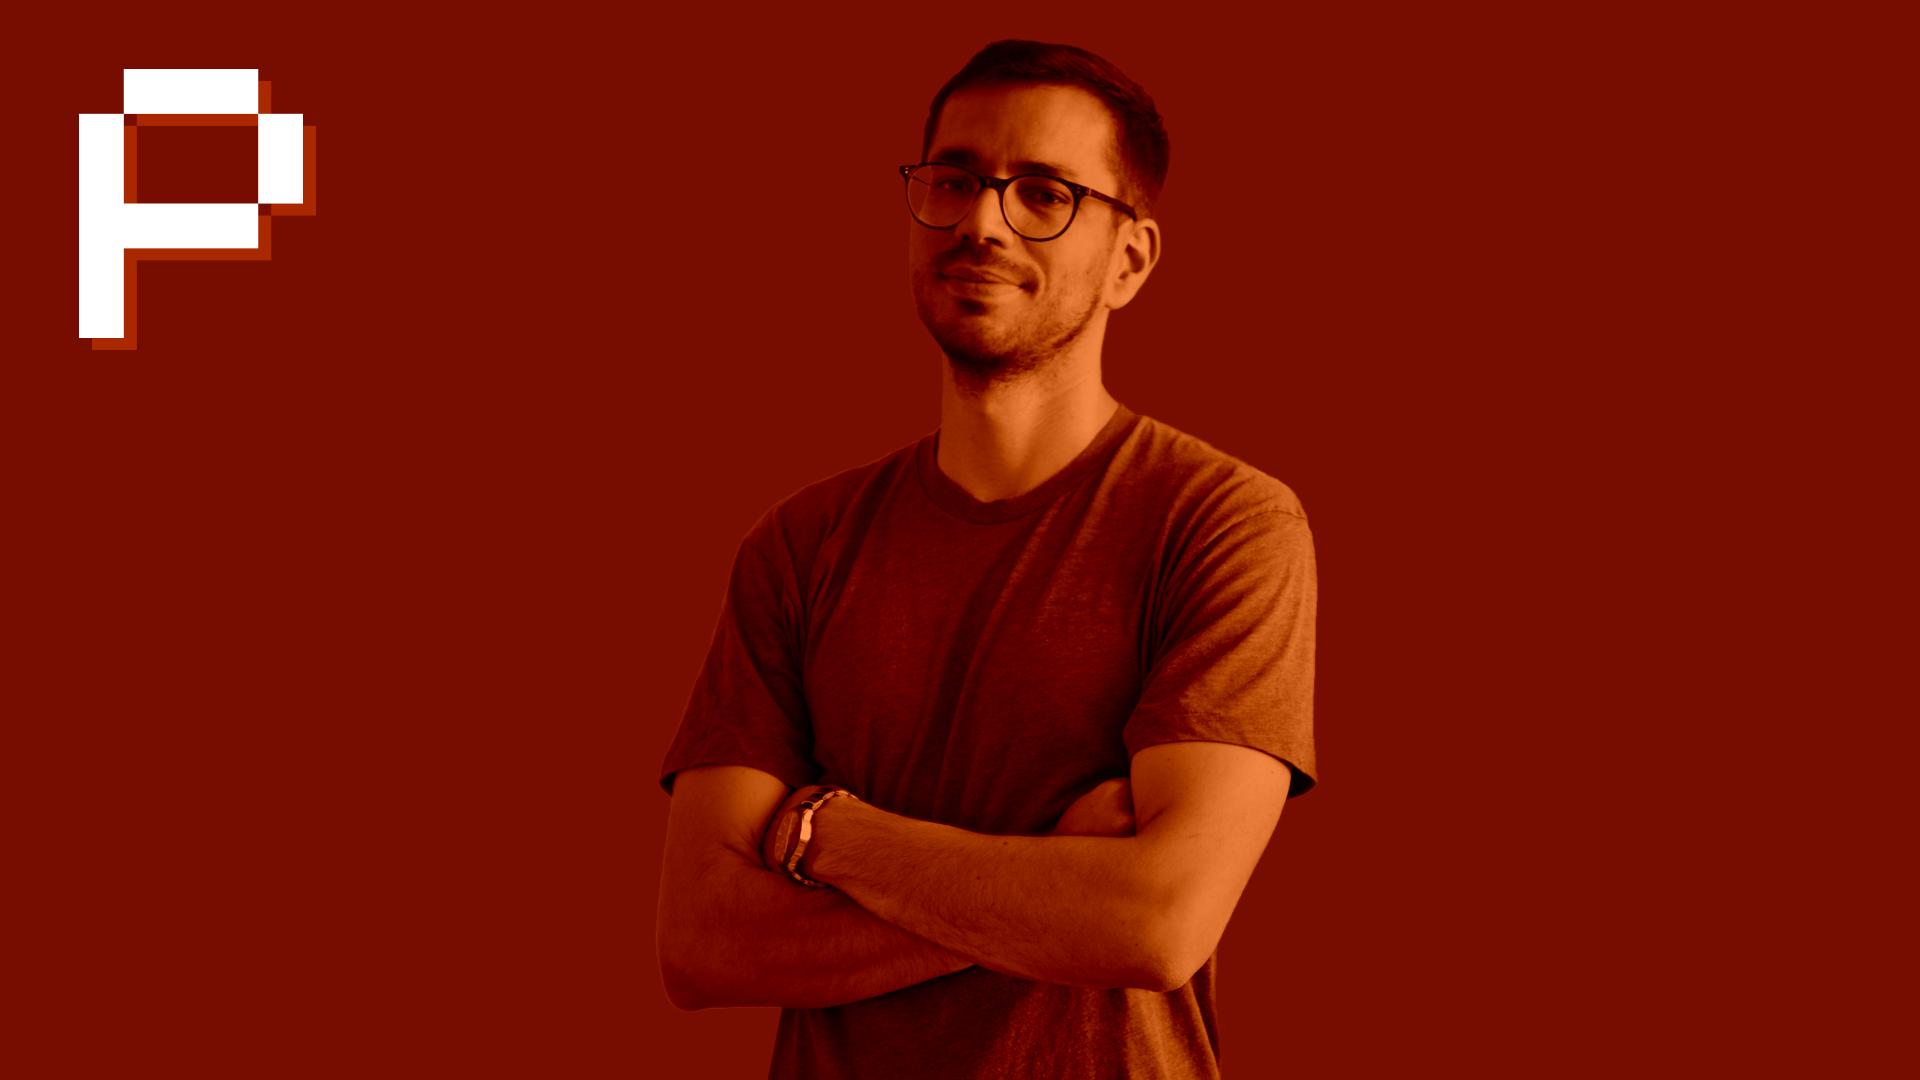 """ONLINEPUNKS PODCAST MIT ADIL SBAI - OnlinePunks CEO Adil (Instagram & Twitter) trifft solche Influencer, deren Profile mehr als nur ein paar schöne Bilder mitbringen. Jeder Podcast ist dabei in zwei Parts unterteilt: den privaten Teil (die Geschichte des Gasts) sowie den """"beruflichen"""" (sprich: seine Social Media Karriere)."""